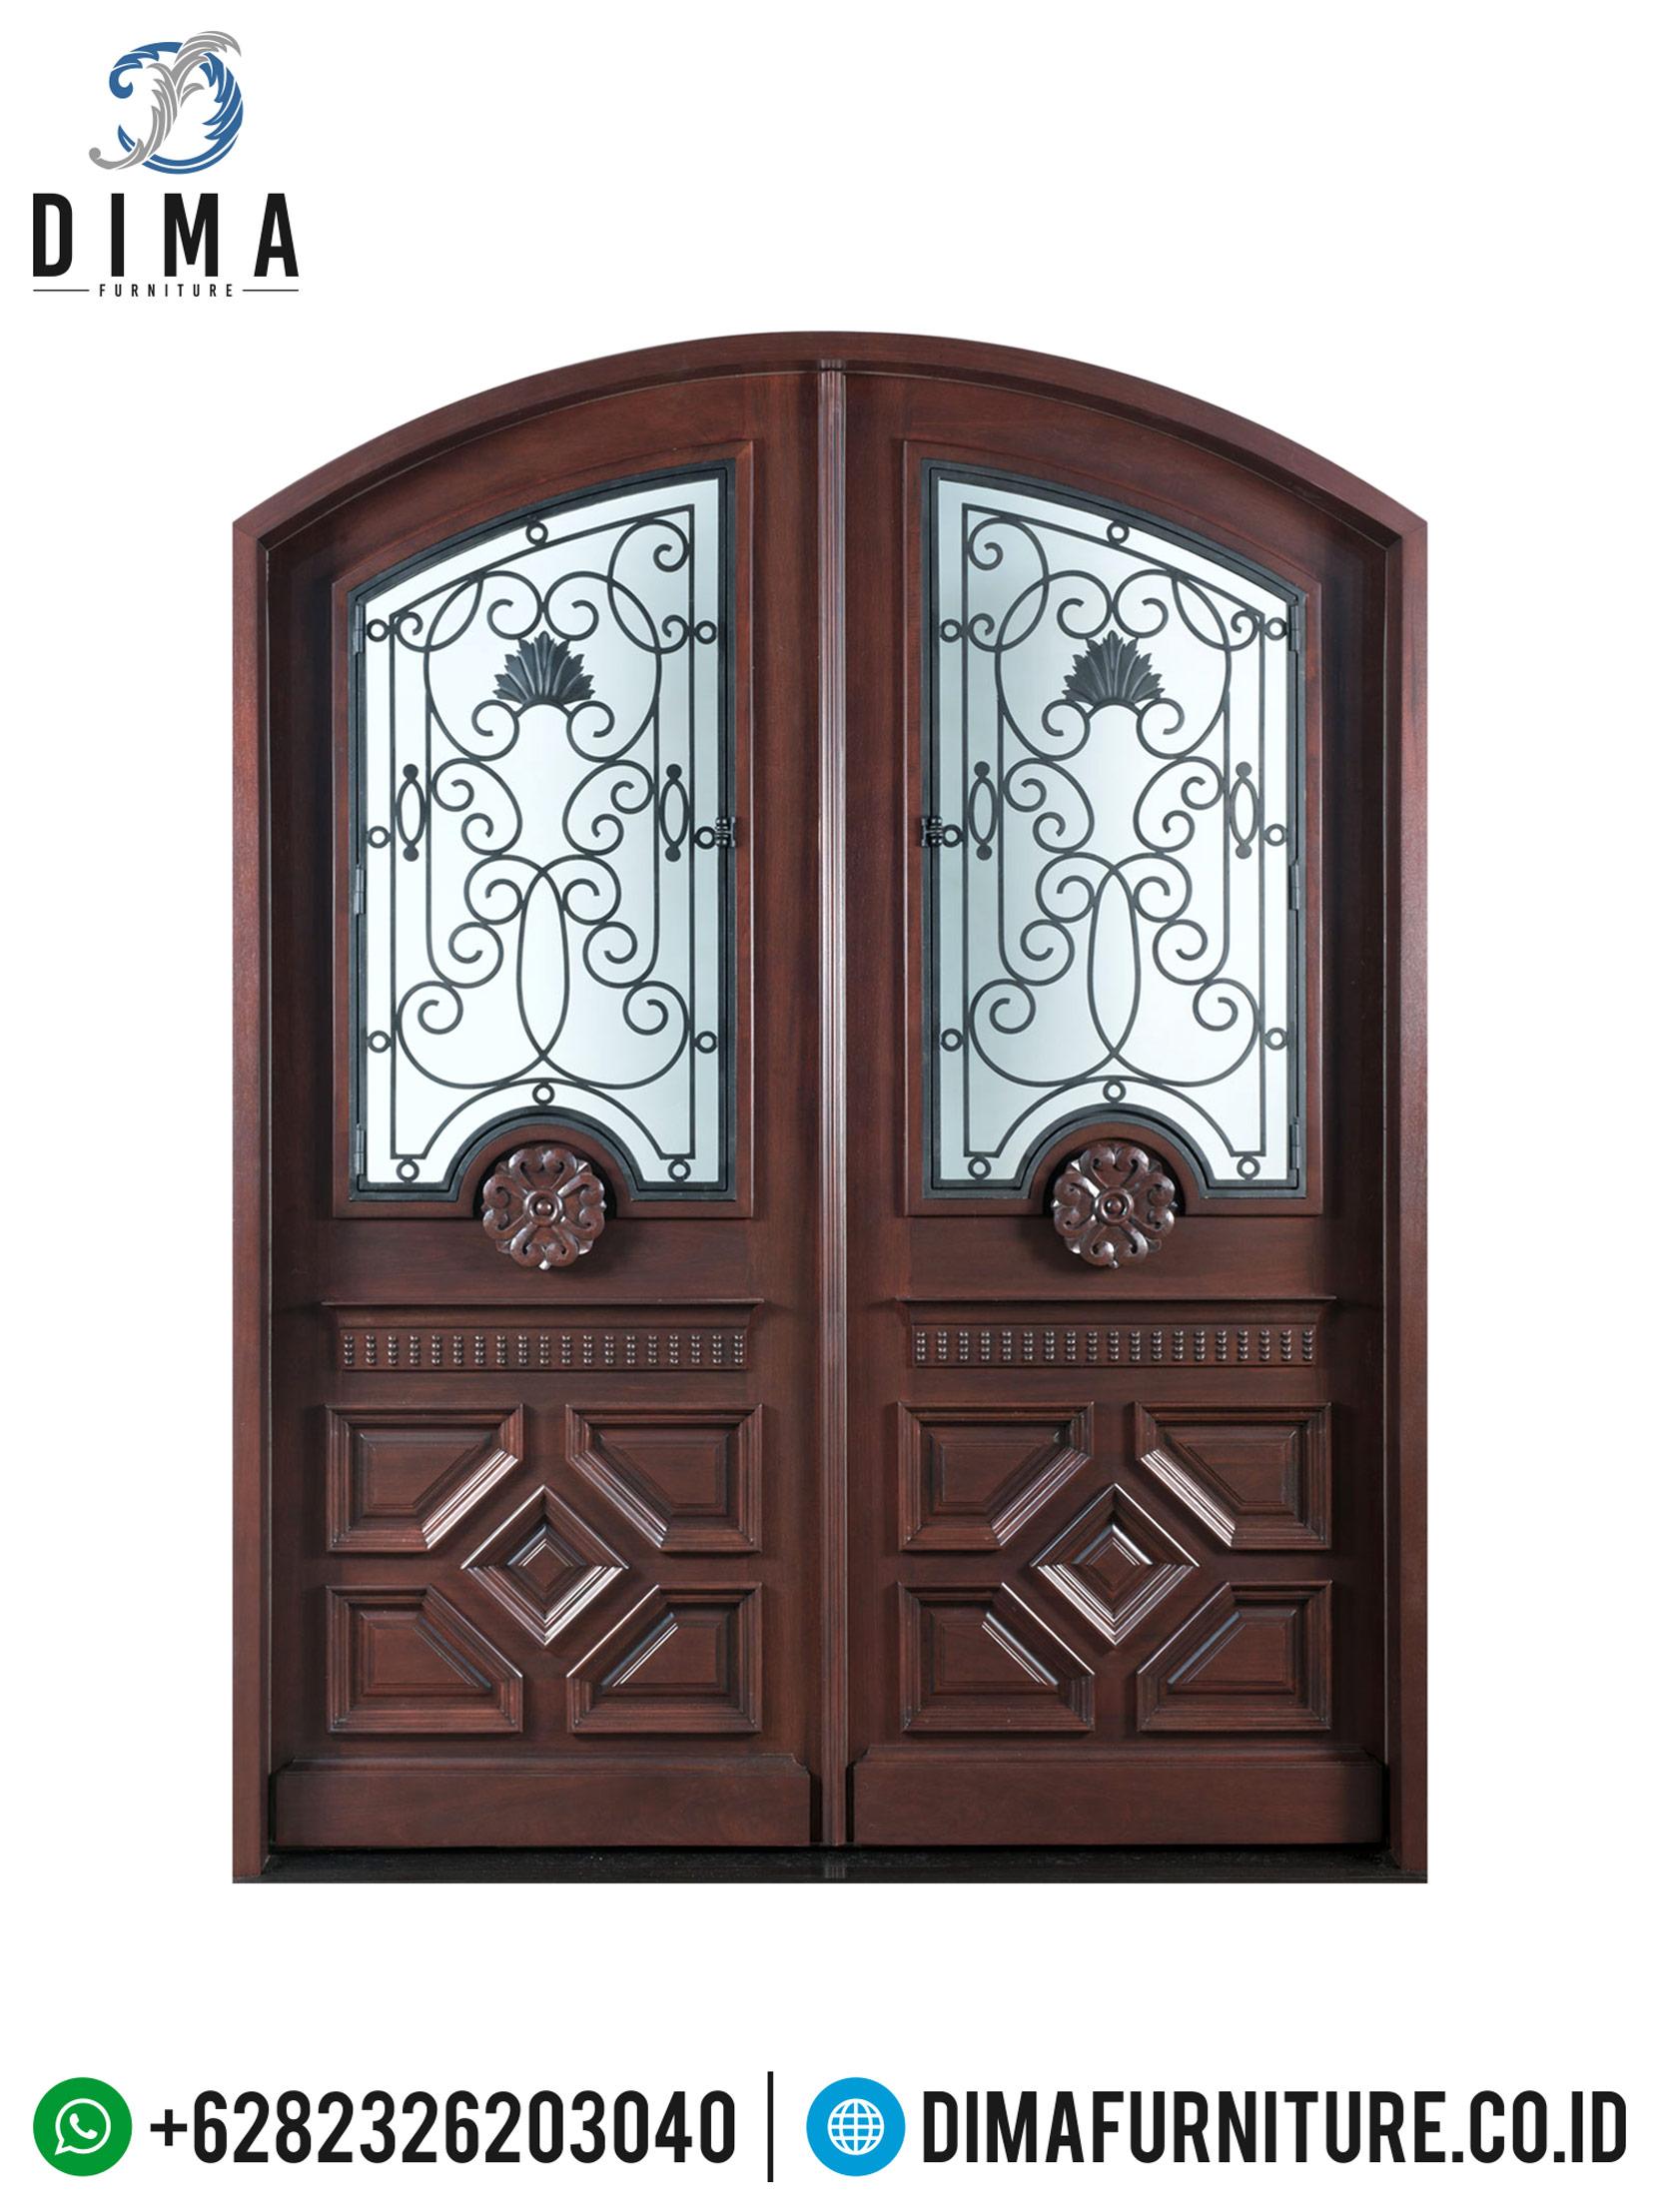 Pintu Rumah Jati, Pintu Utama Rumah Mewah, Kusen Pintu & Jendela Kayu DF-0699